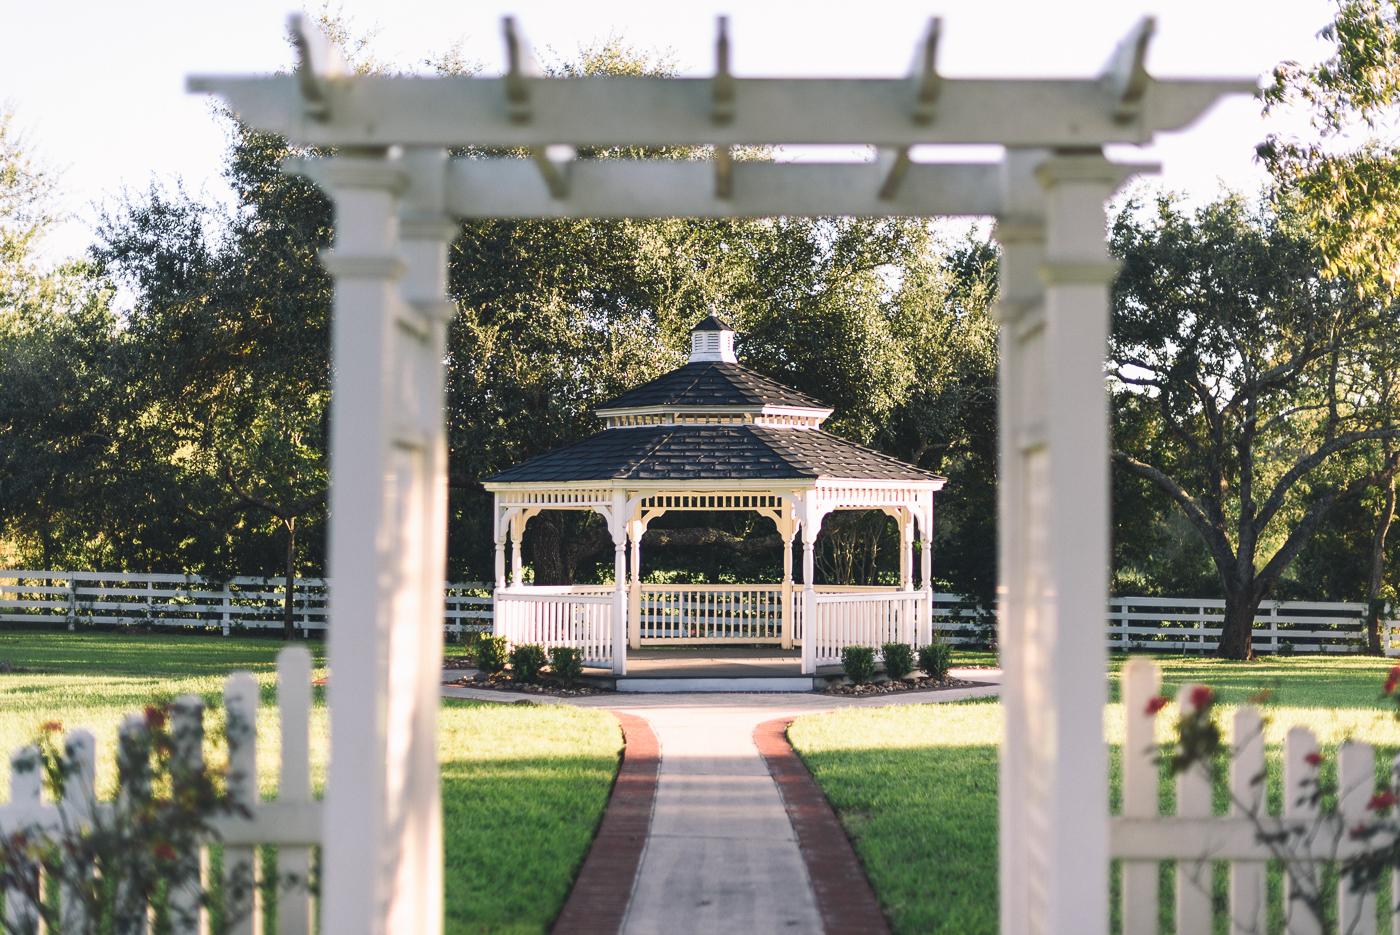 Chapel wedding ceremony alter outdoor wedding details